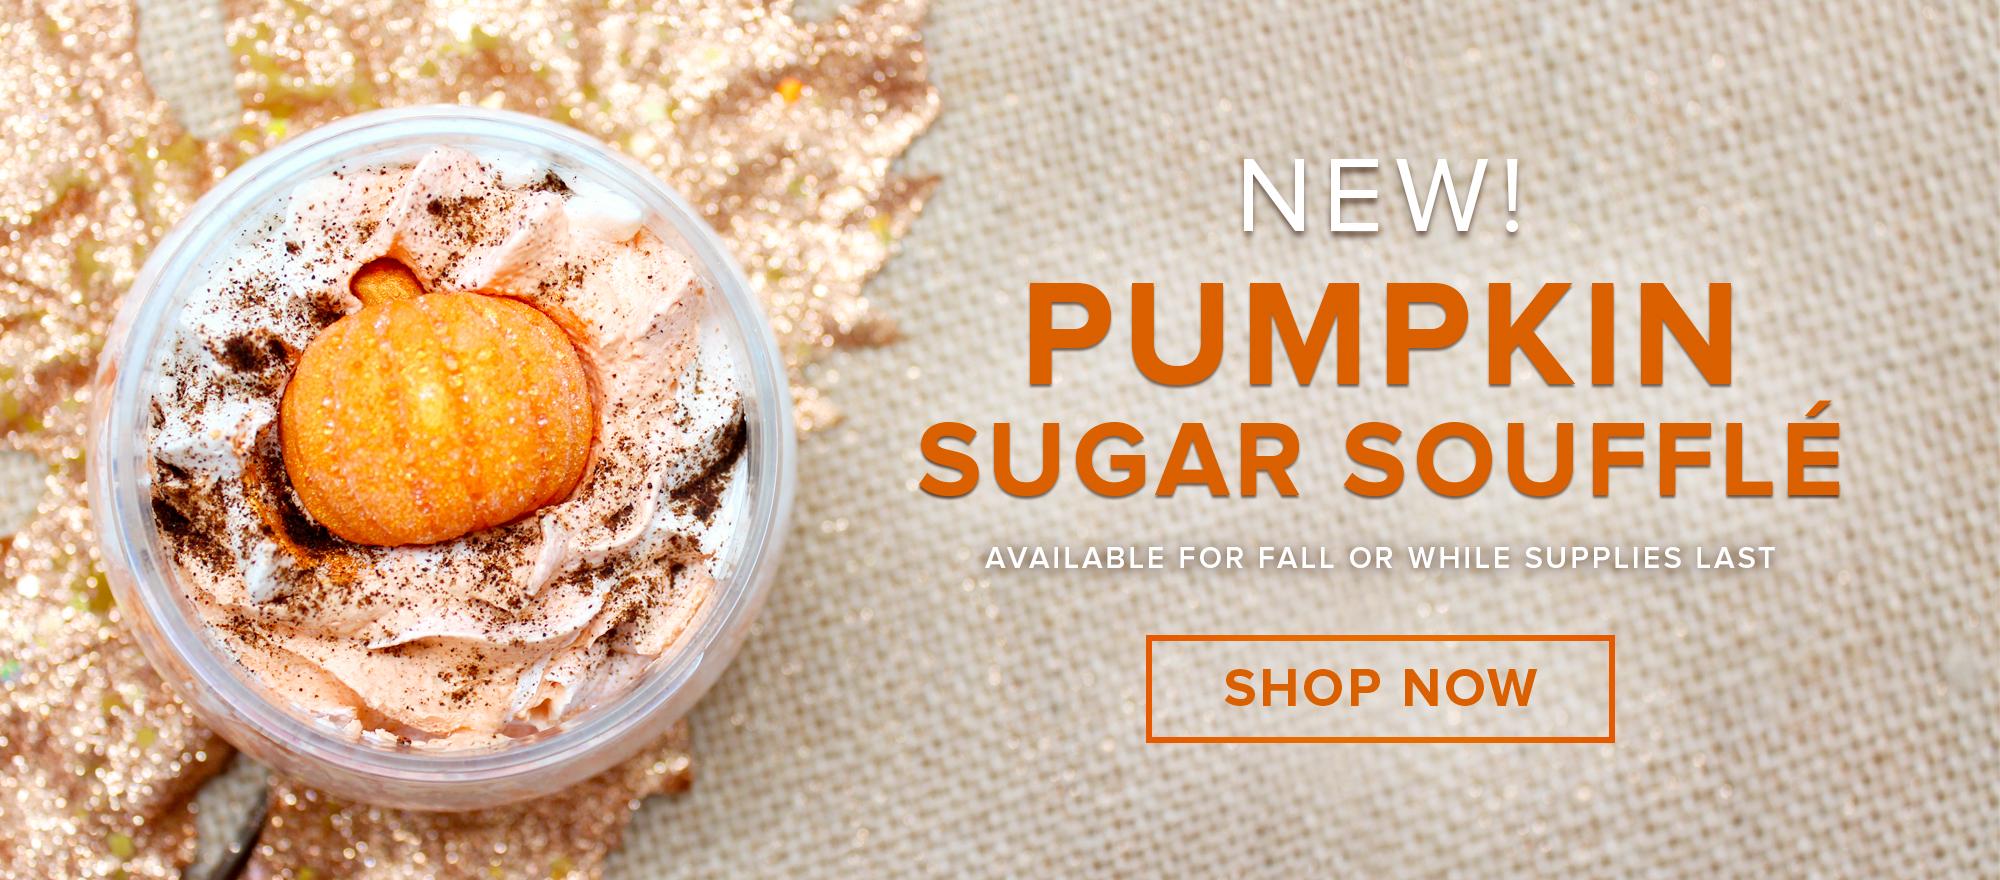 NEW Pumpkin Sugar Soufflé